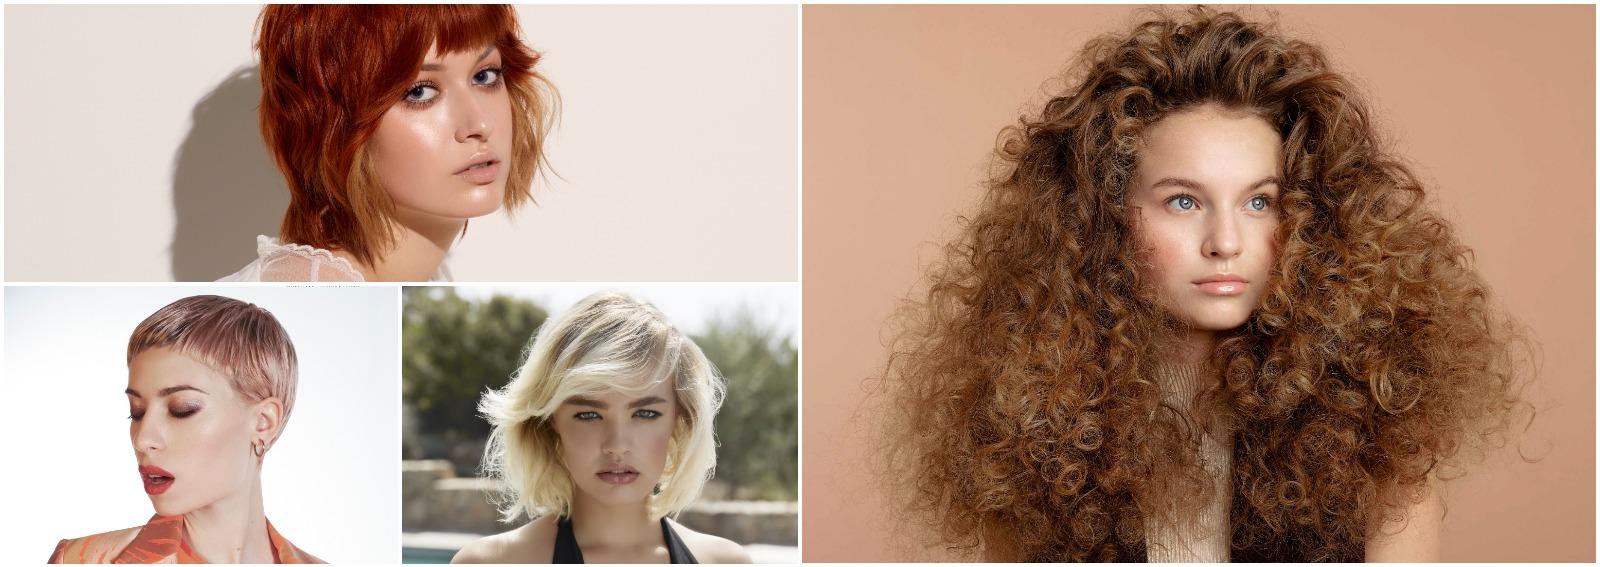 tutte le migliori tendenze capelli saloni primavera estate 2020 cover desktop